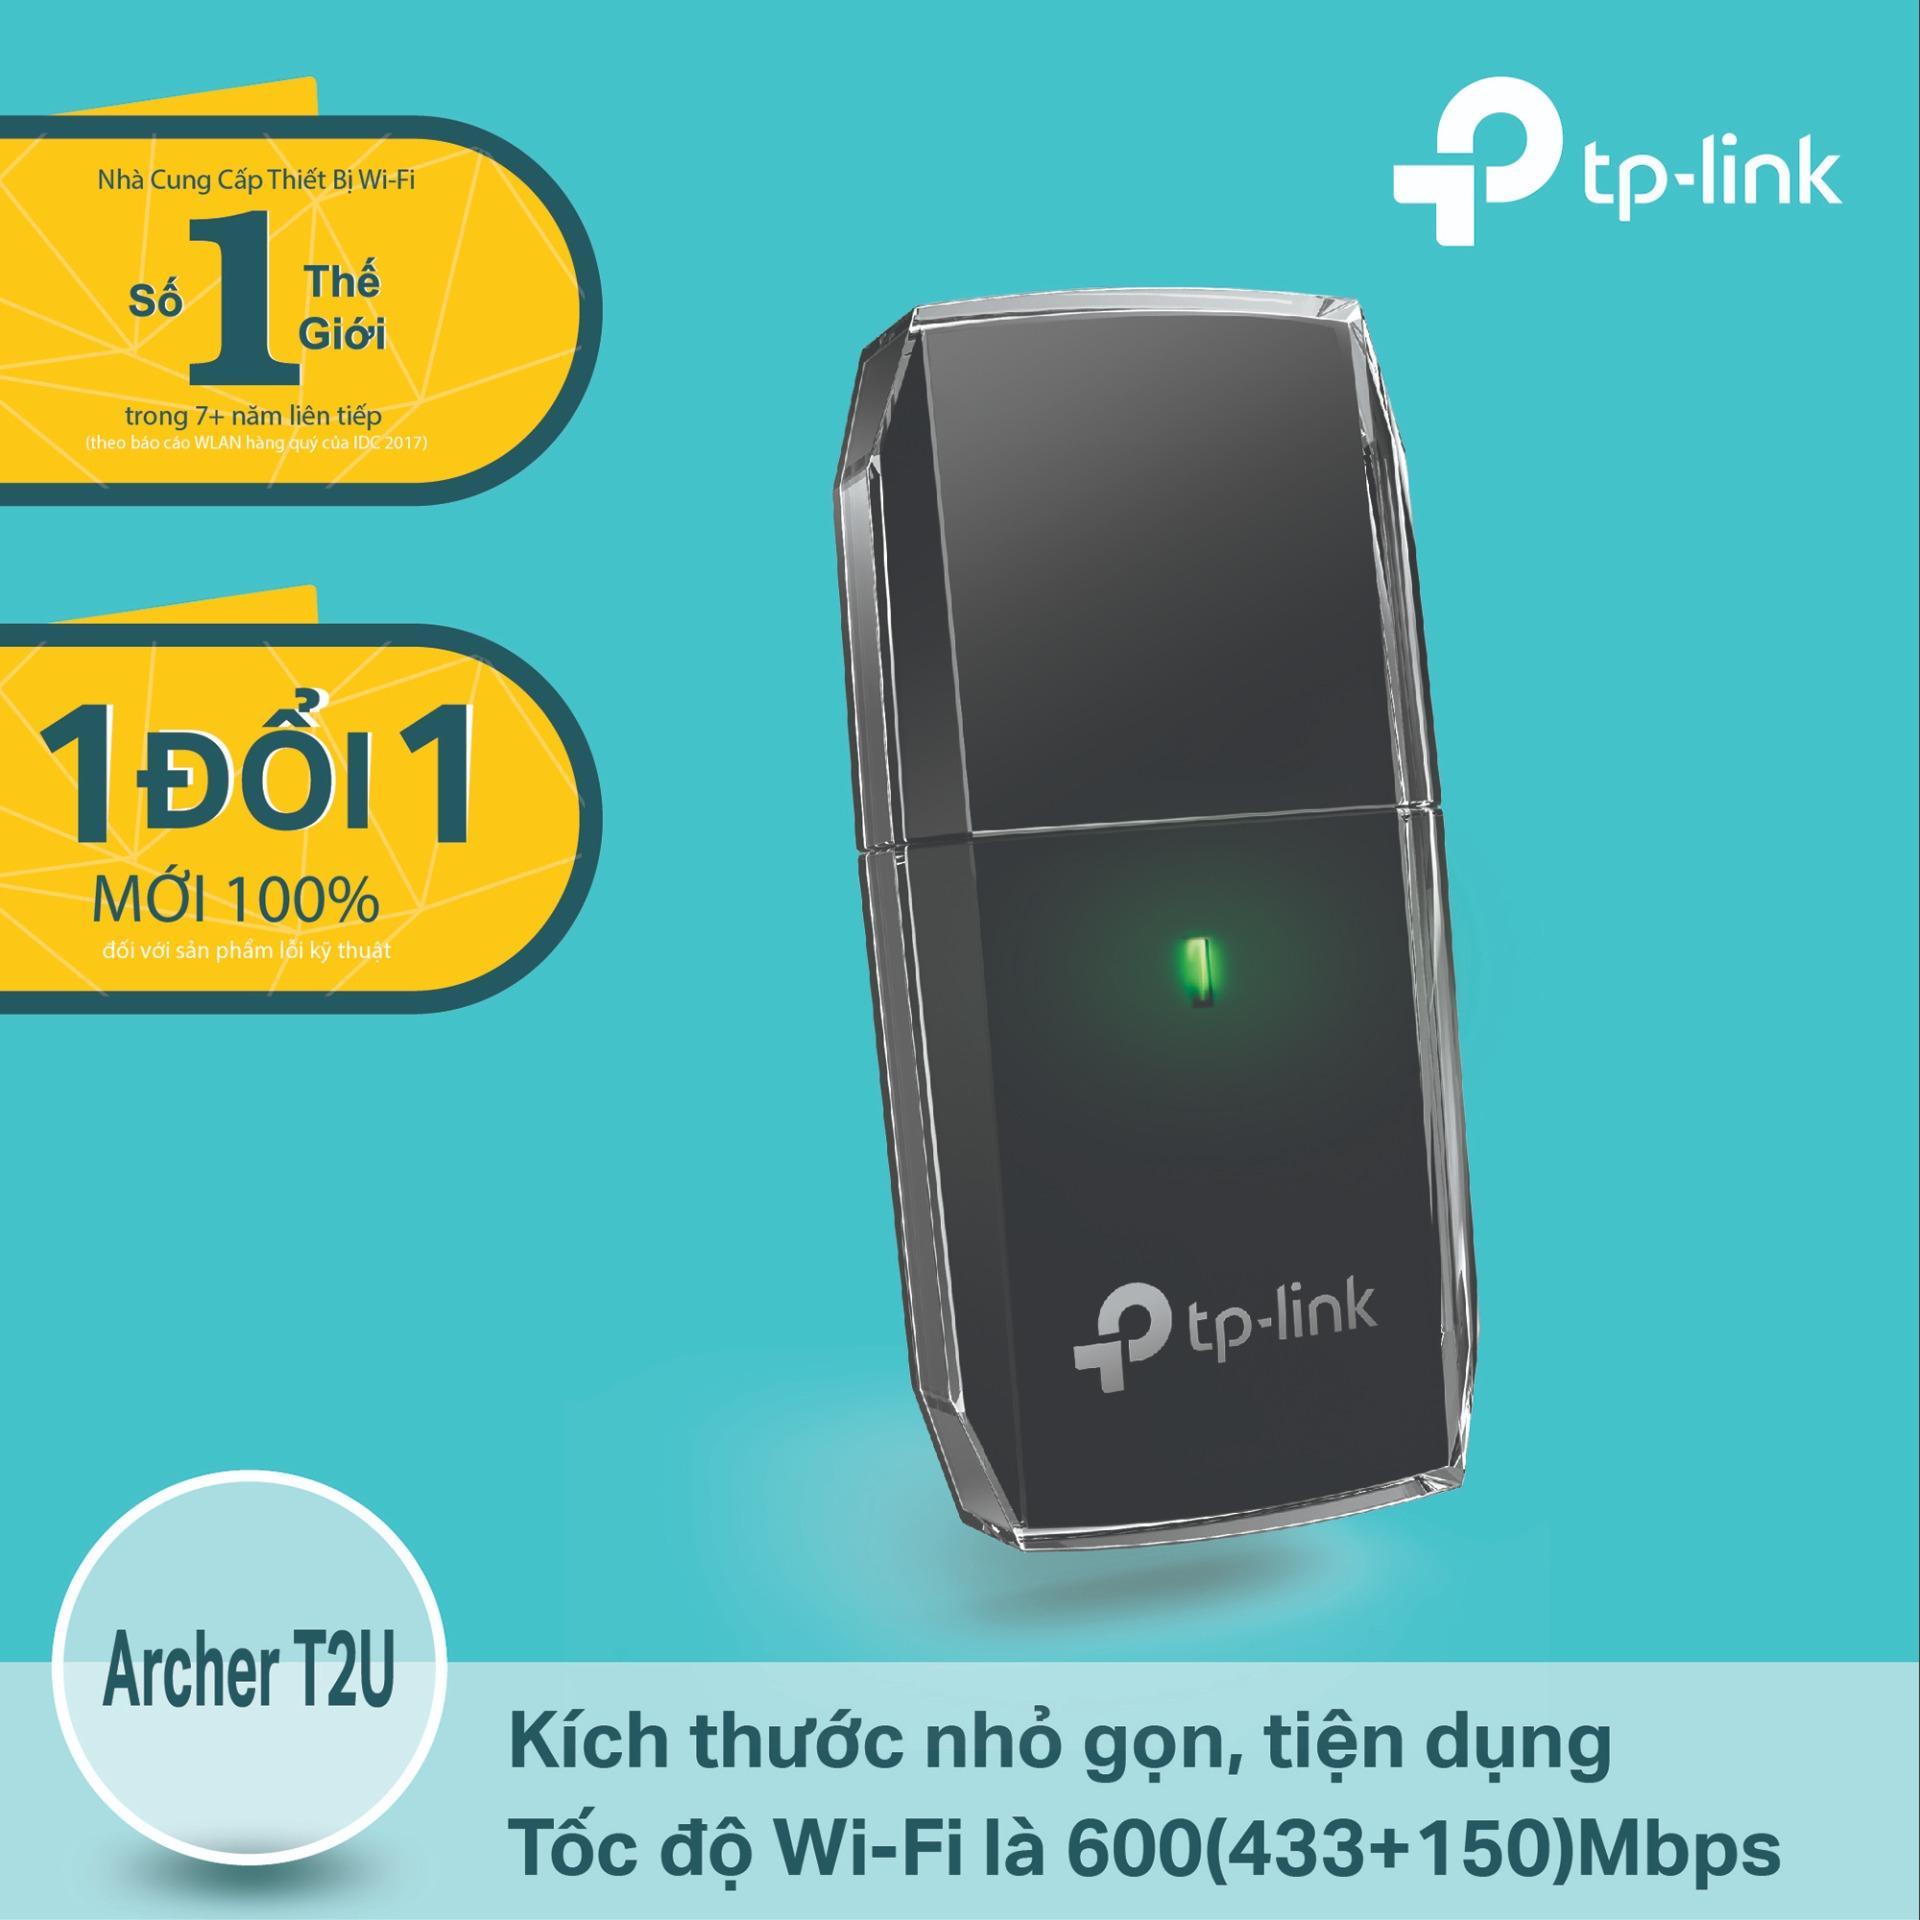 Mua Tp Link Archer T2U Usb Kết Nối Wi Fi Băng Tần Kep Chuẩn Ac 600Mbps Hang Phan Phối Chinh Thức Tp Link Nguyên